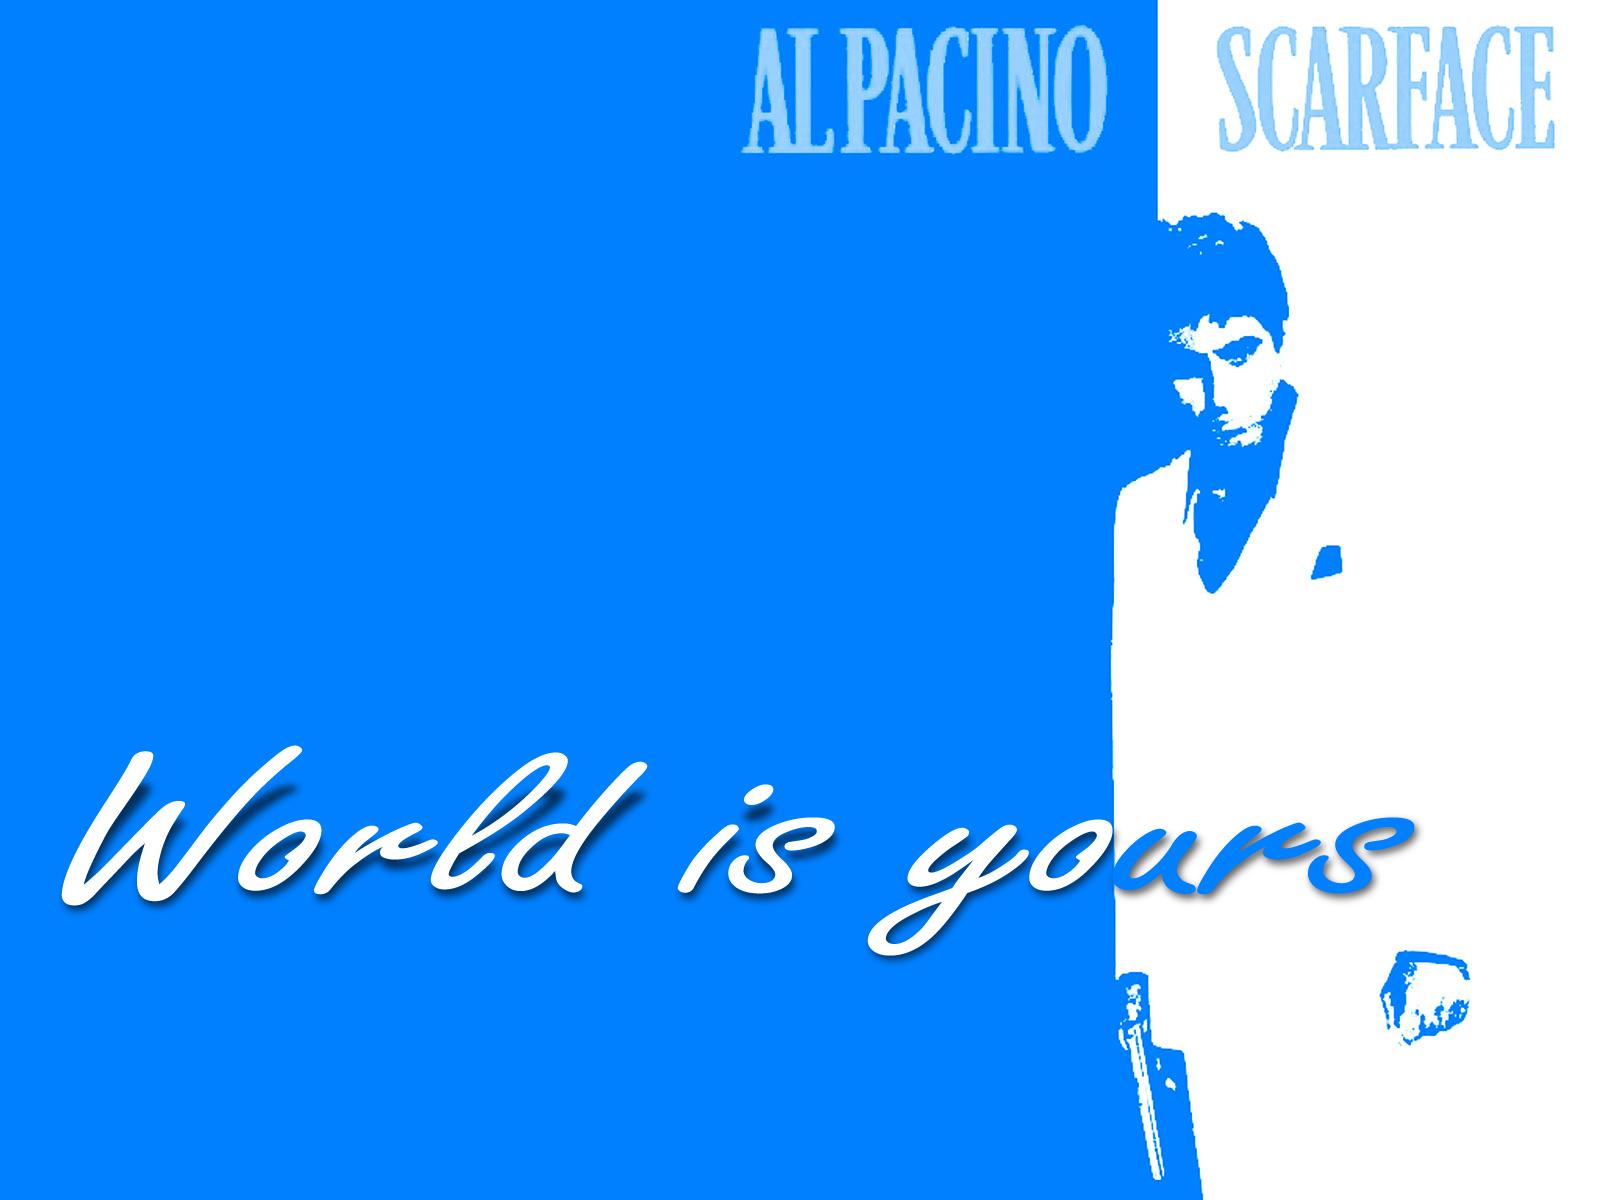 http://4.bp.blogspot.com/-fW-wbrJHDPo/TnNTkzk0HzI/AAAAAAAADEA/NQJxO7YENXs/s1600/Tony_Montana_Scarface_Blue_HD_Wallpaper_Vvallpaper.Net.jpg